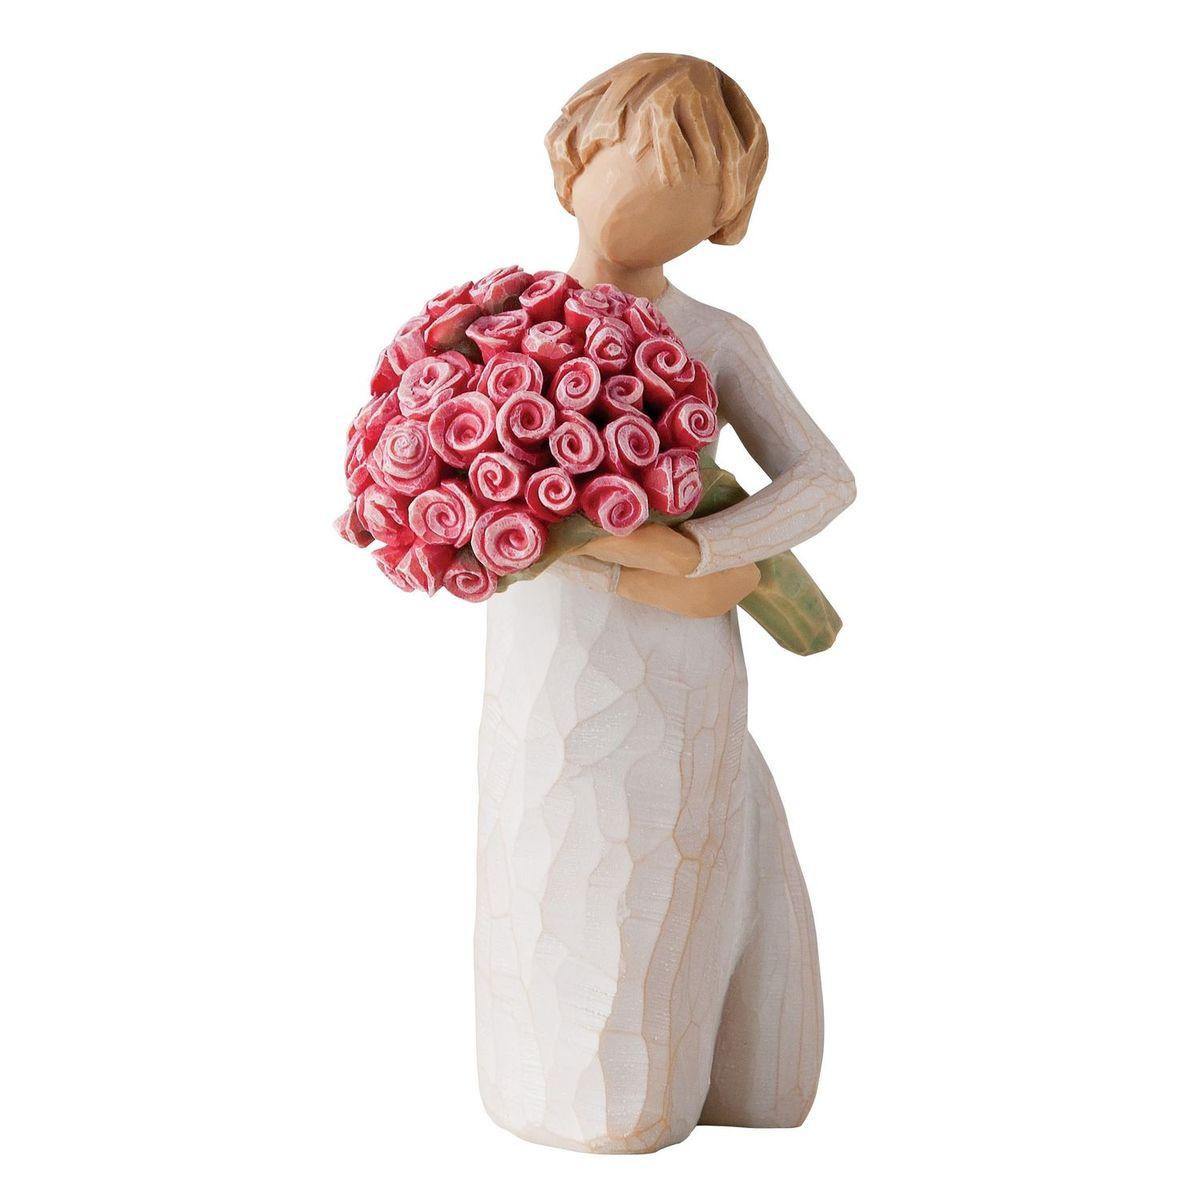 Фигурка Willow Tree Изобилие любви, 16 см27181Эти прекрасные статуэтки созданы канадским скульптором Сьюзан Лорди. Каждая фигурка – это настоящее произведение искусства, образная скульптура в миниатюре, изображающая эмоции и чувства, которые помогают нам чувствовать себя ближе к другим, верить в мечту, выражать любовь. Каждая фигурка помещена в красивую упаковку. Купить такой оригинальный подарок, значит не только украсить интерьер помещения или жилой комнаты, но выразить свое глубокое отношение к любимому человеку. Этот прекрасный сувенир будет лучшим подарком на день ангела, именины, день рождения, юбилей. Материал: Искусственный камень (49% карбонат кальция мелкозернистой разновидности, 51% искусственный камень)